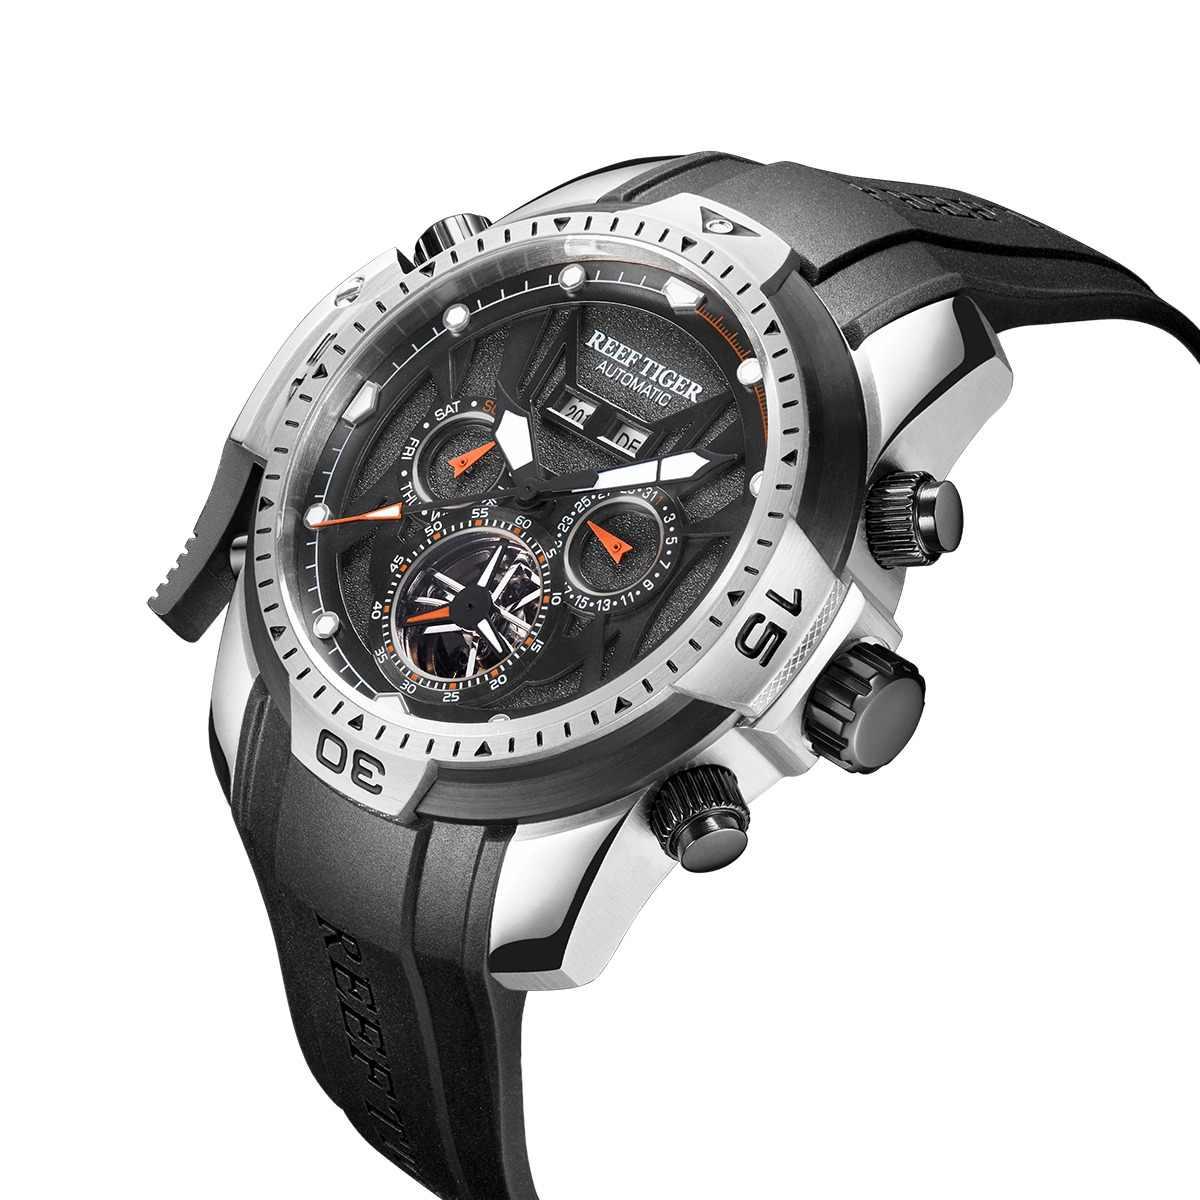 dff83beba43 Arrecife de Tigre RT deporte reloj complicado Dial con año mes calendario  perpetuo gran caja